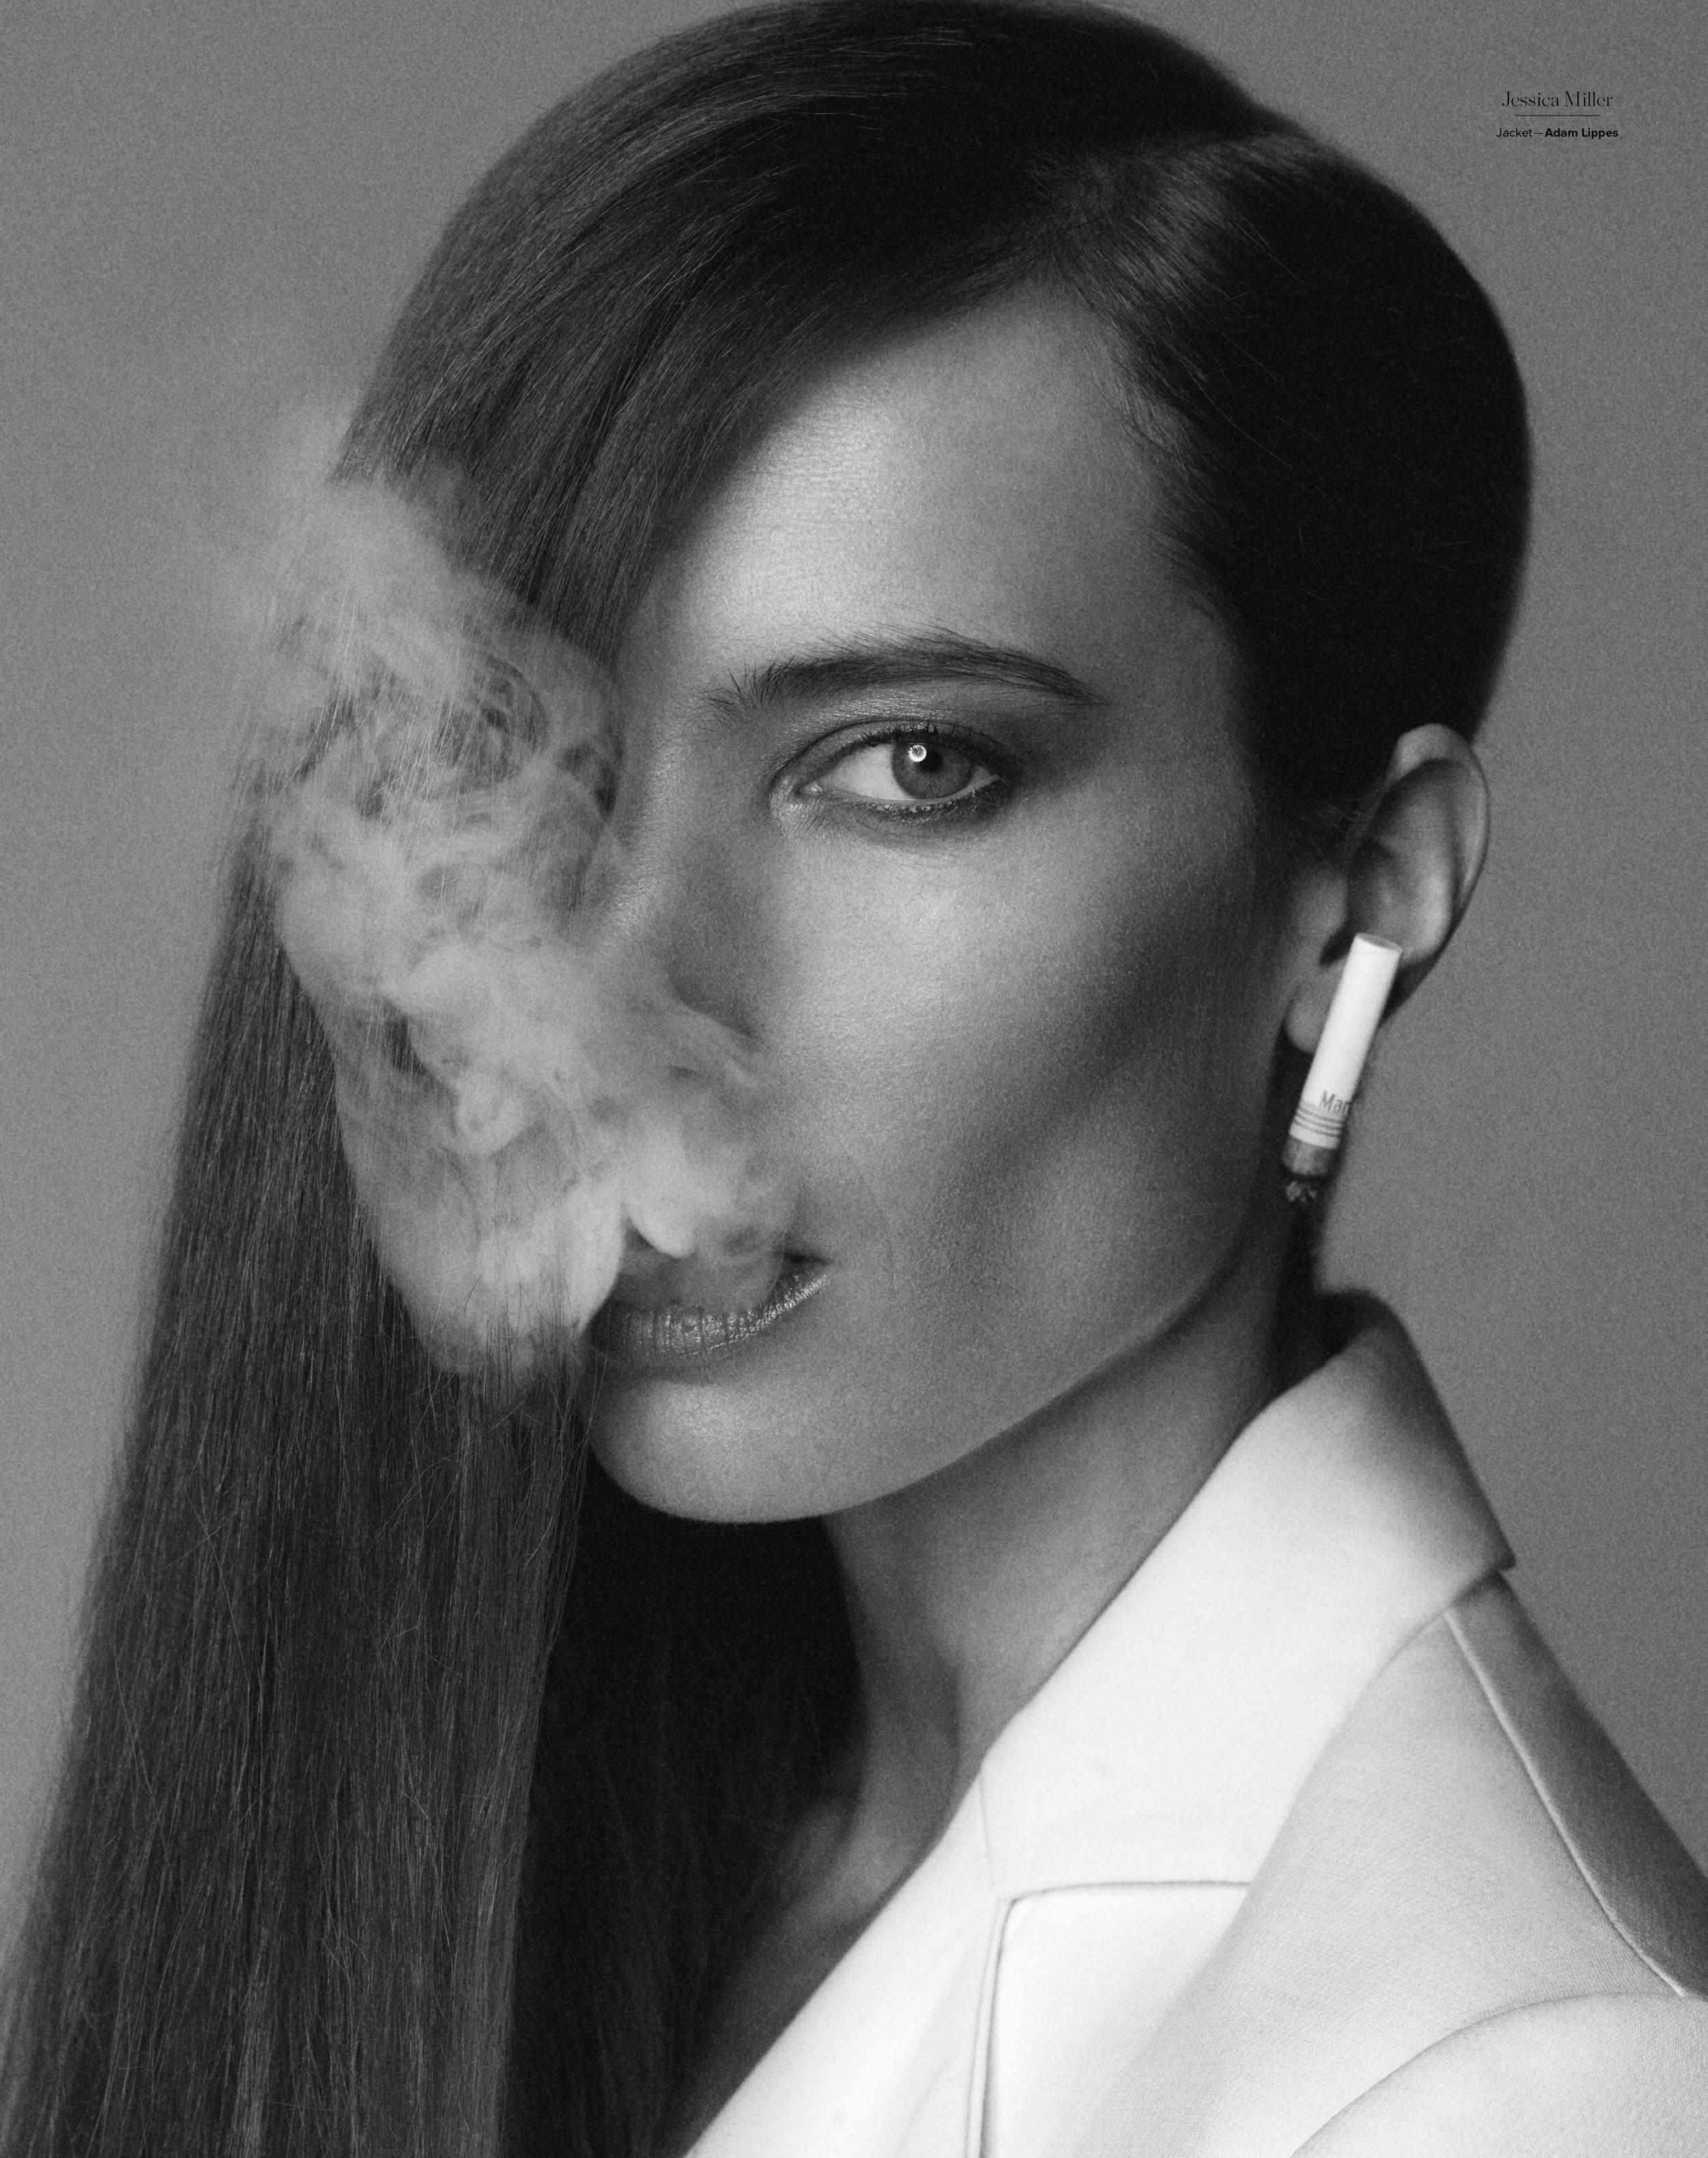 Jessica-Miller-3.jpg